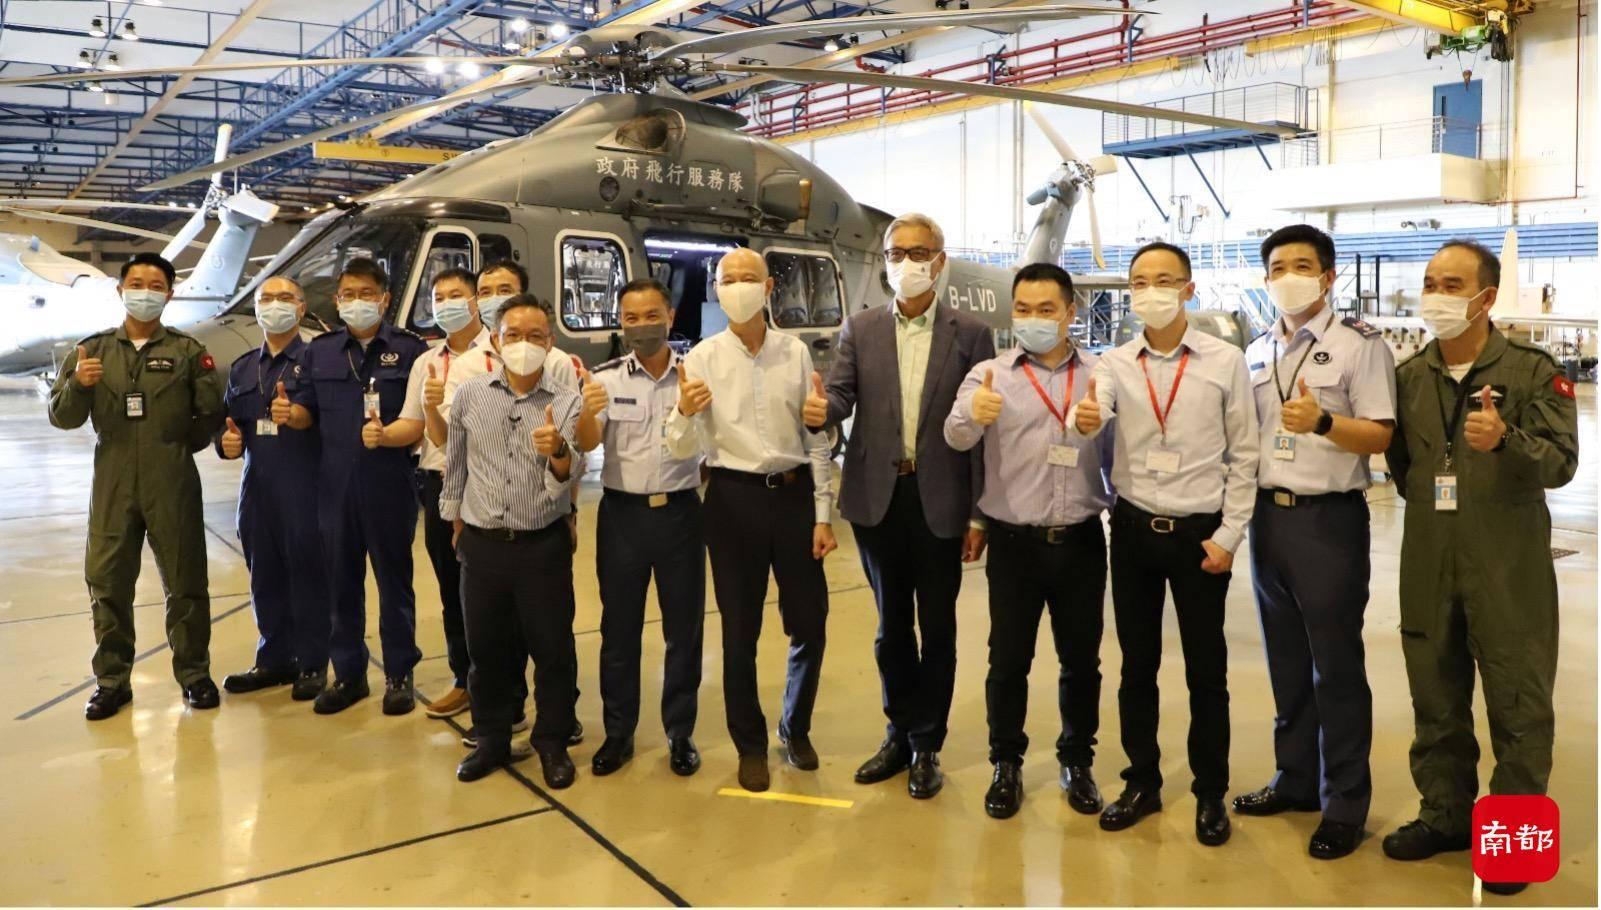 致力消除臭氧污染!香港科技大学与香港特区政府展开合作